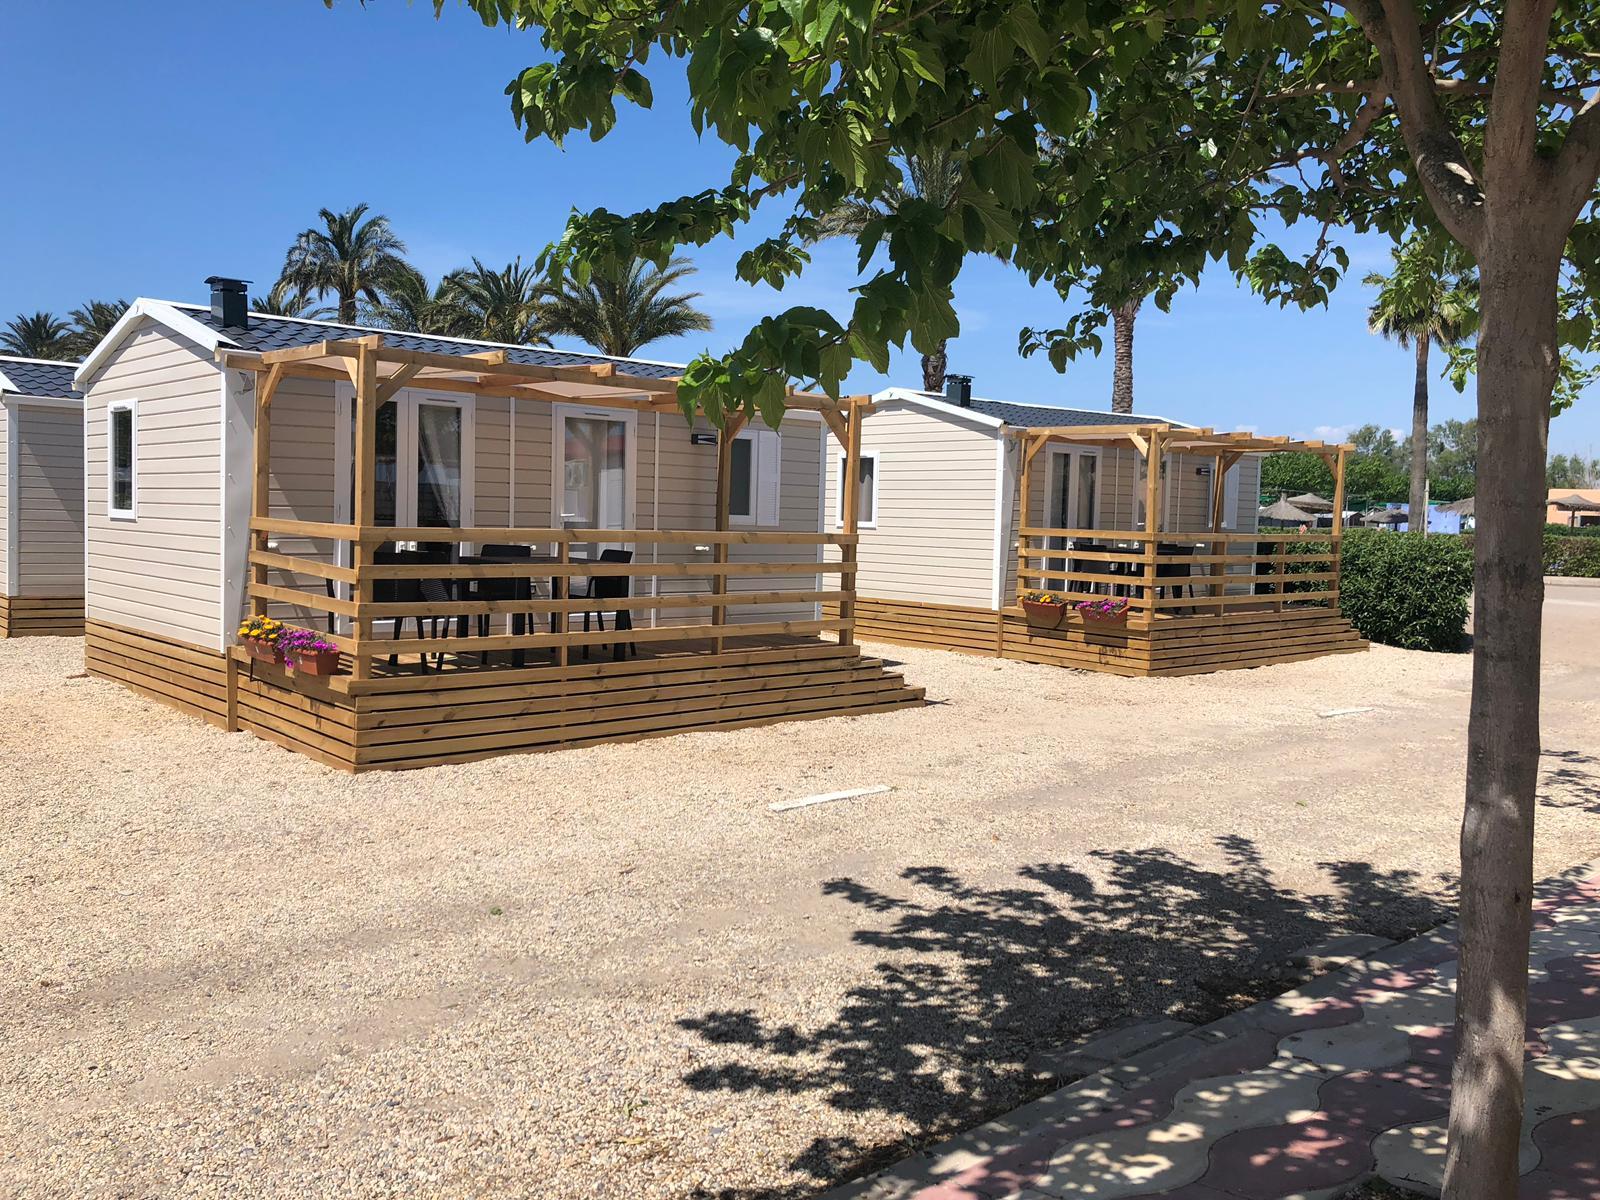 ¿Quieres tomar el sol y bañarte en noviembre en una playa paradisíaca?